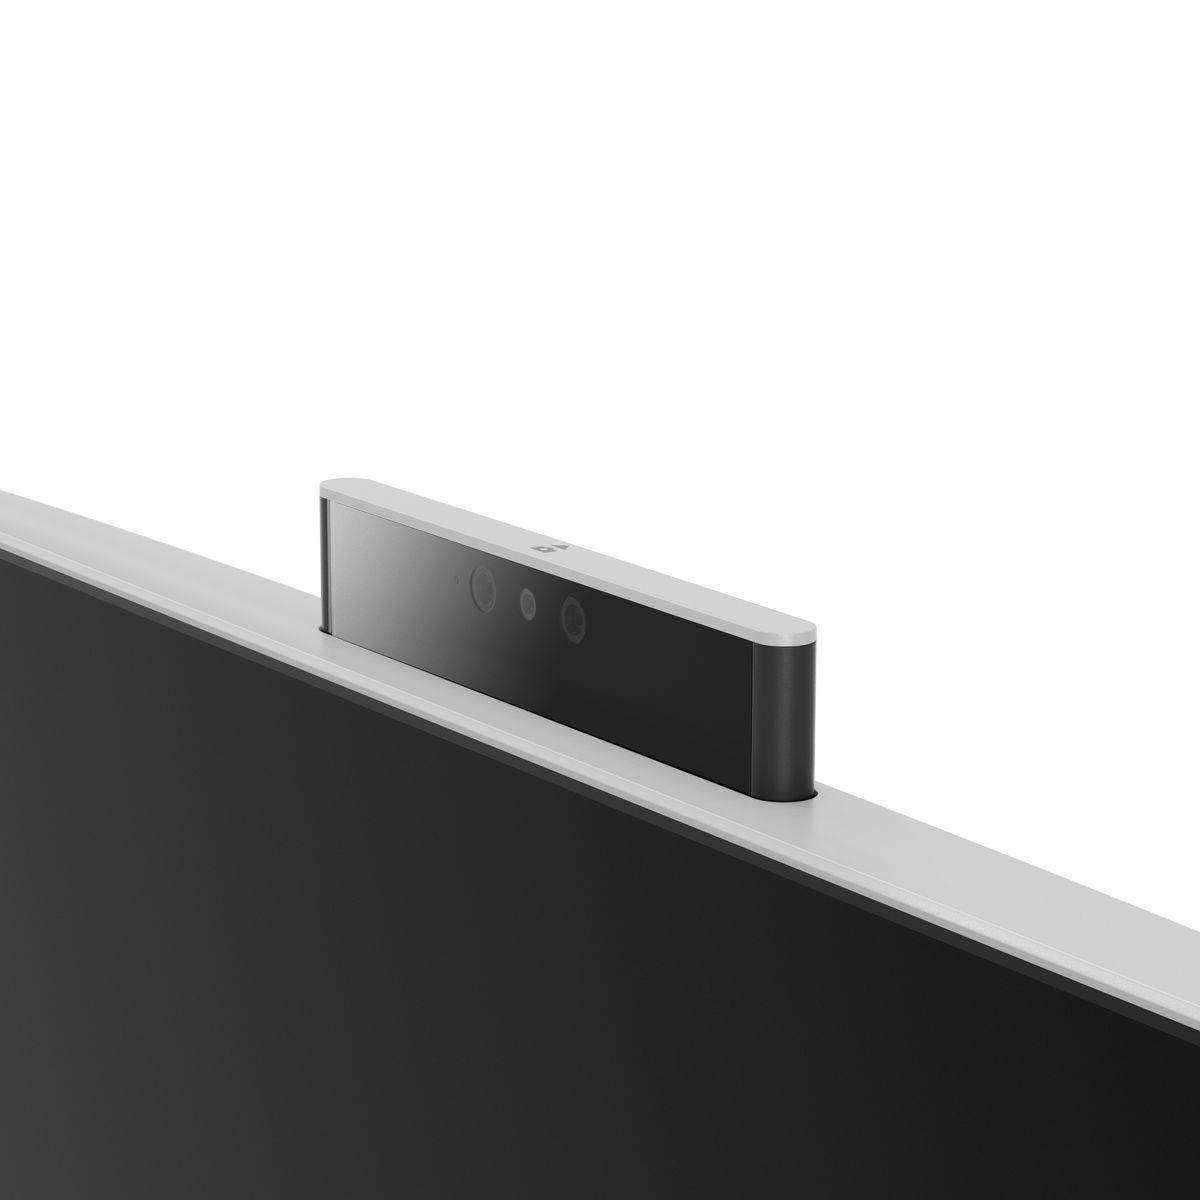 Lenovo IdeaCentre AIO 520-22IKU, Silverмоноблок (F0D5002VRK)